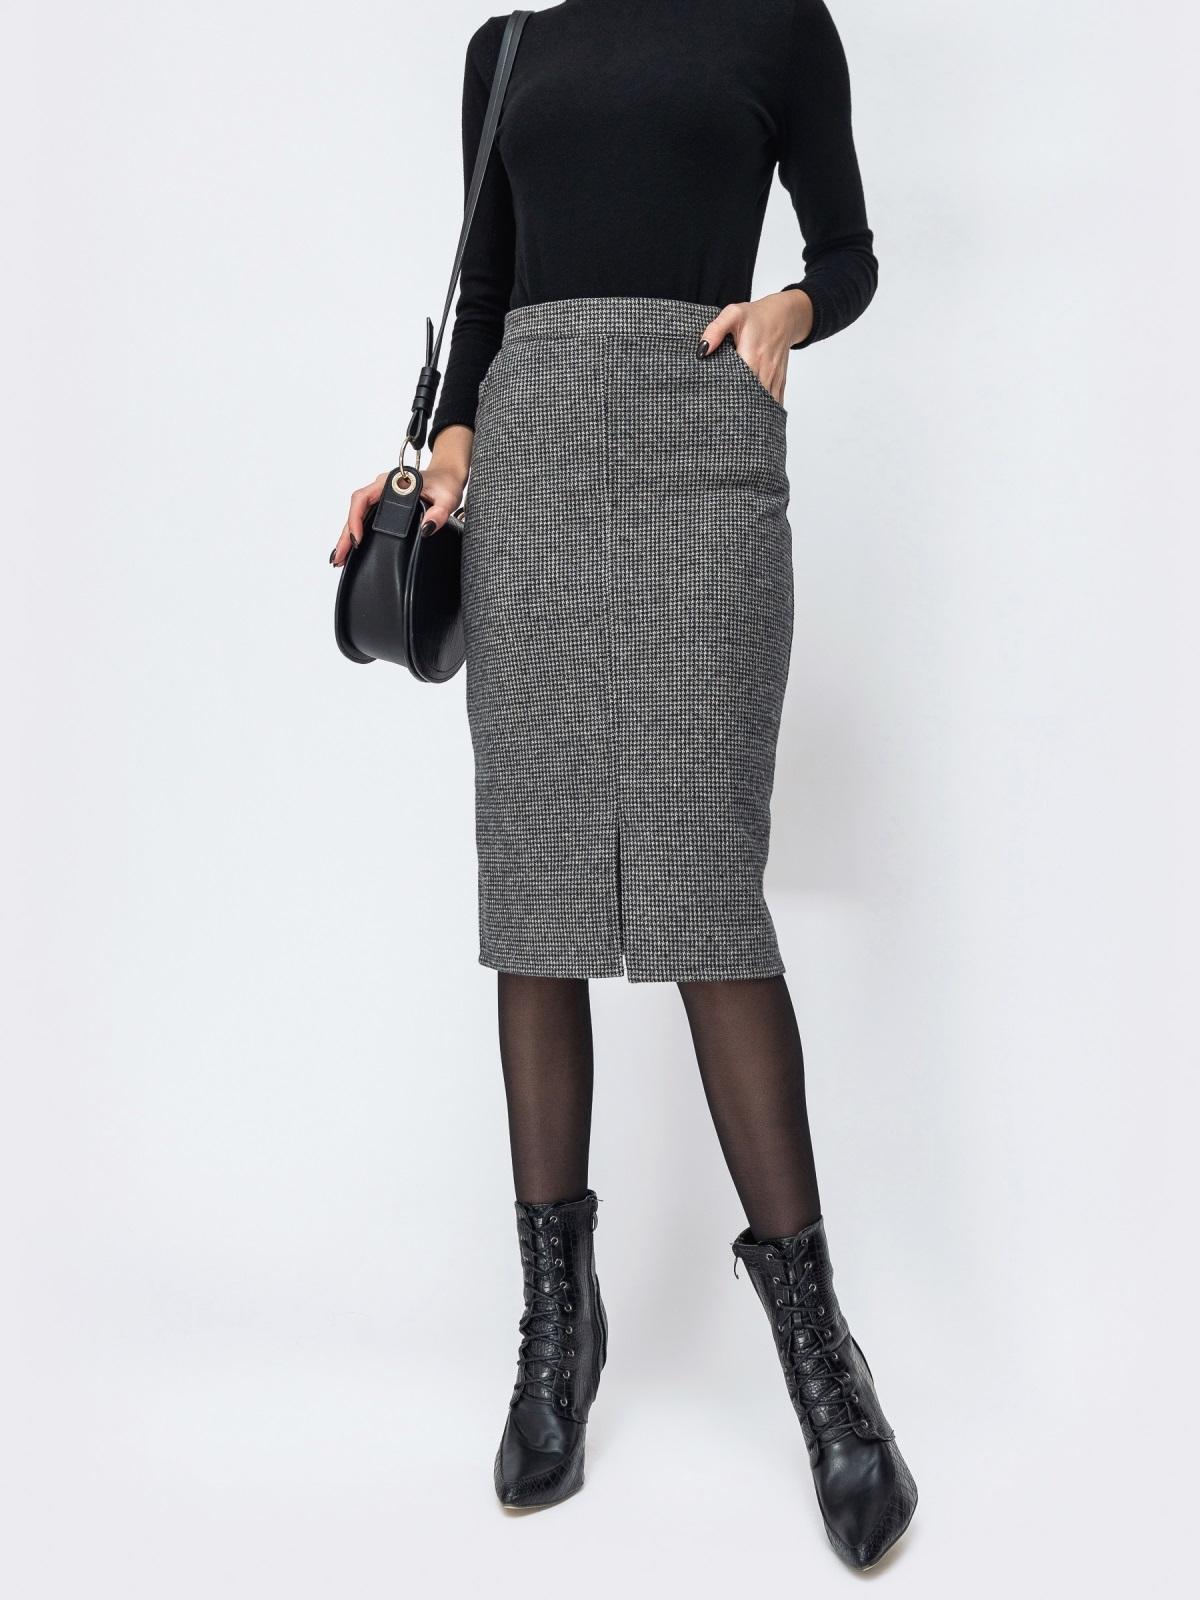 Тёмно-серая юбка-карандаш с разрезом спереди 44169, фото 1